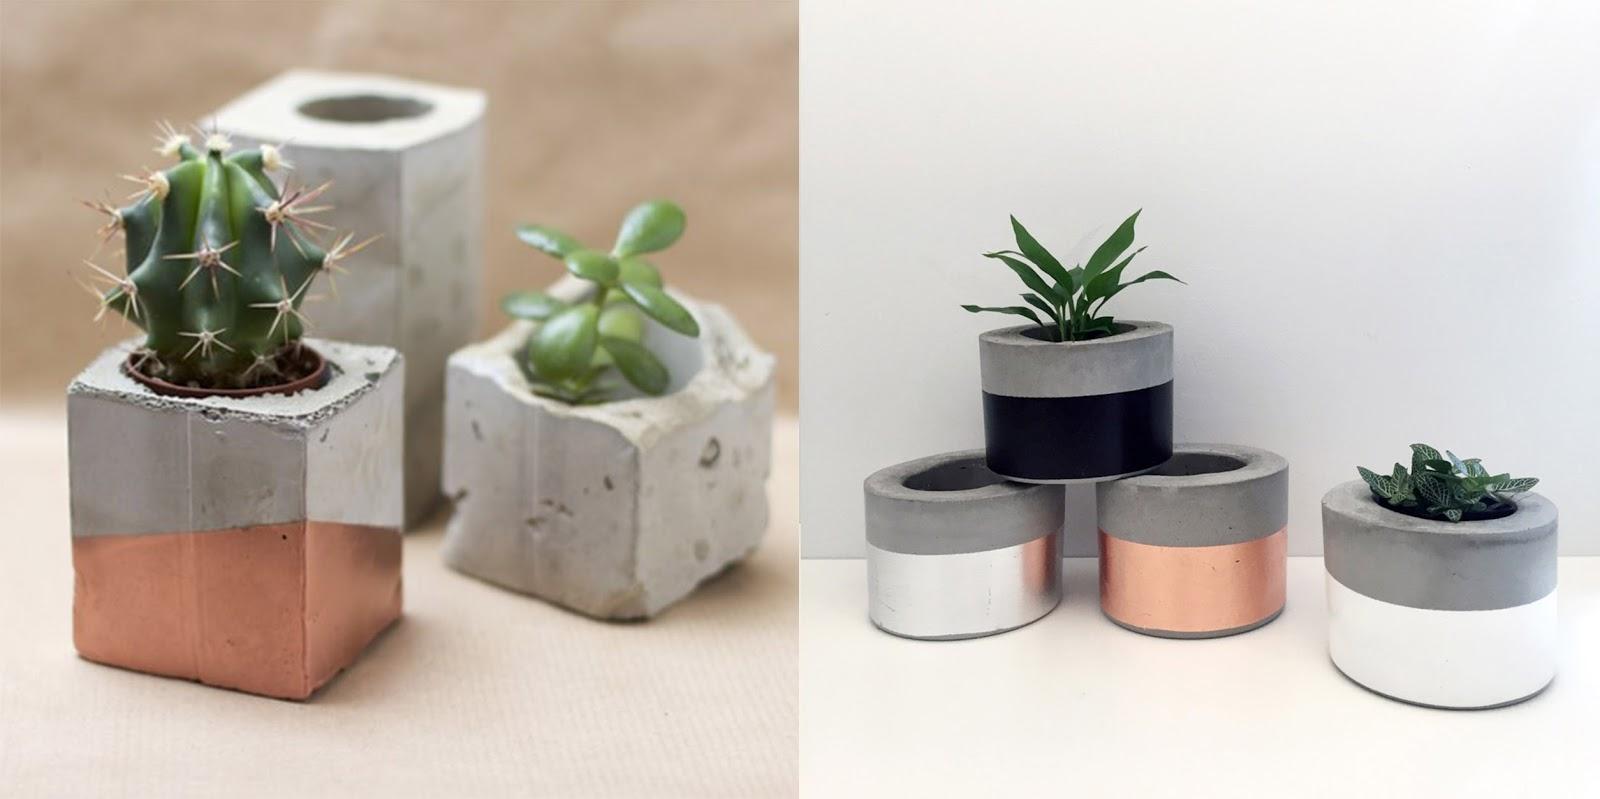 Vasi creativi per fiori e piante idee fai da te e for Vasi da arredamento design